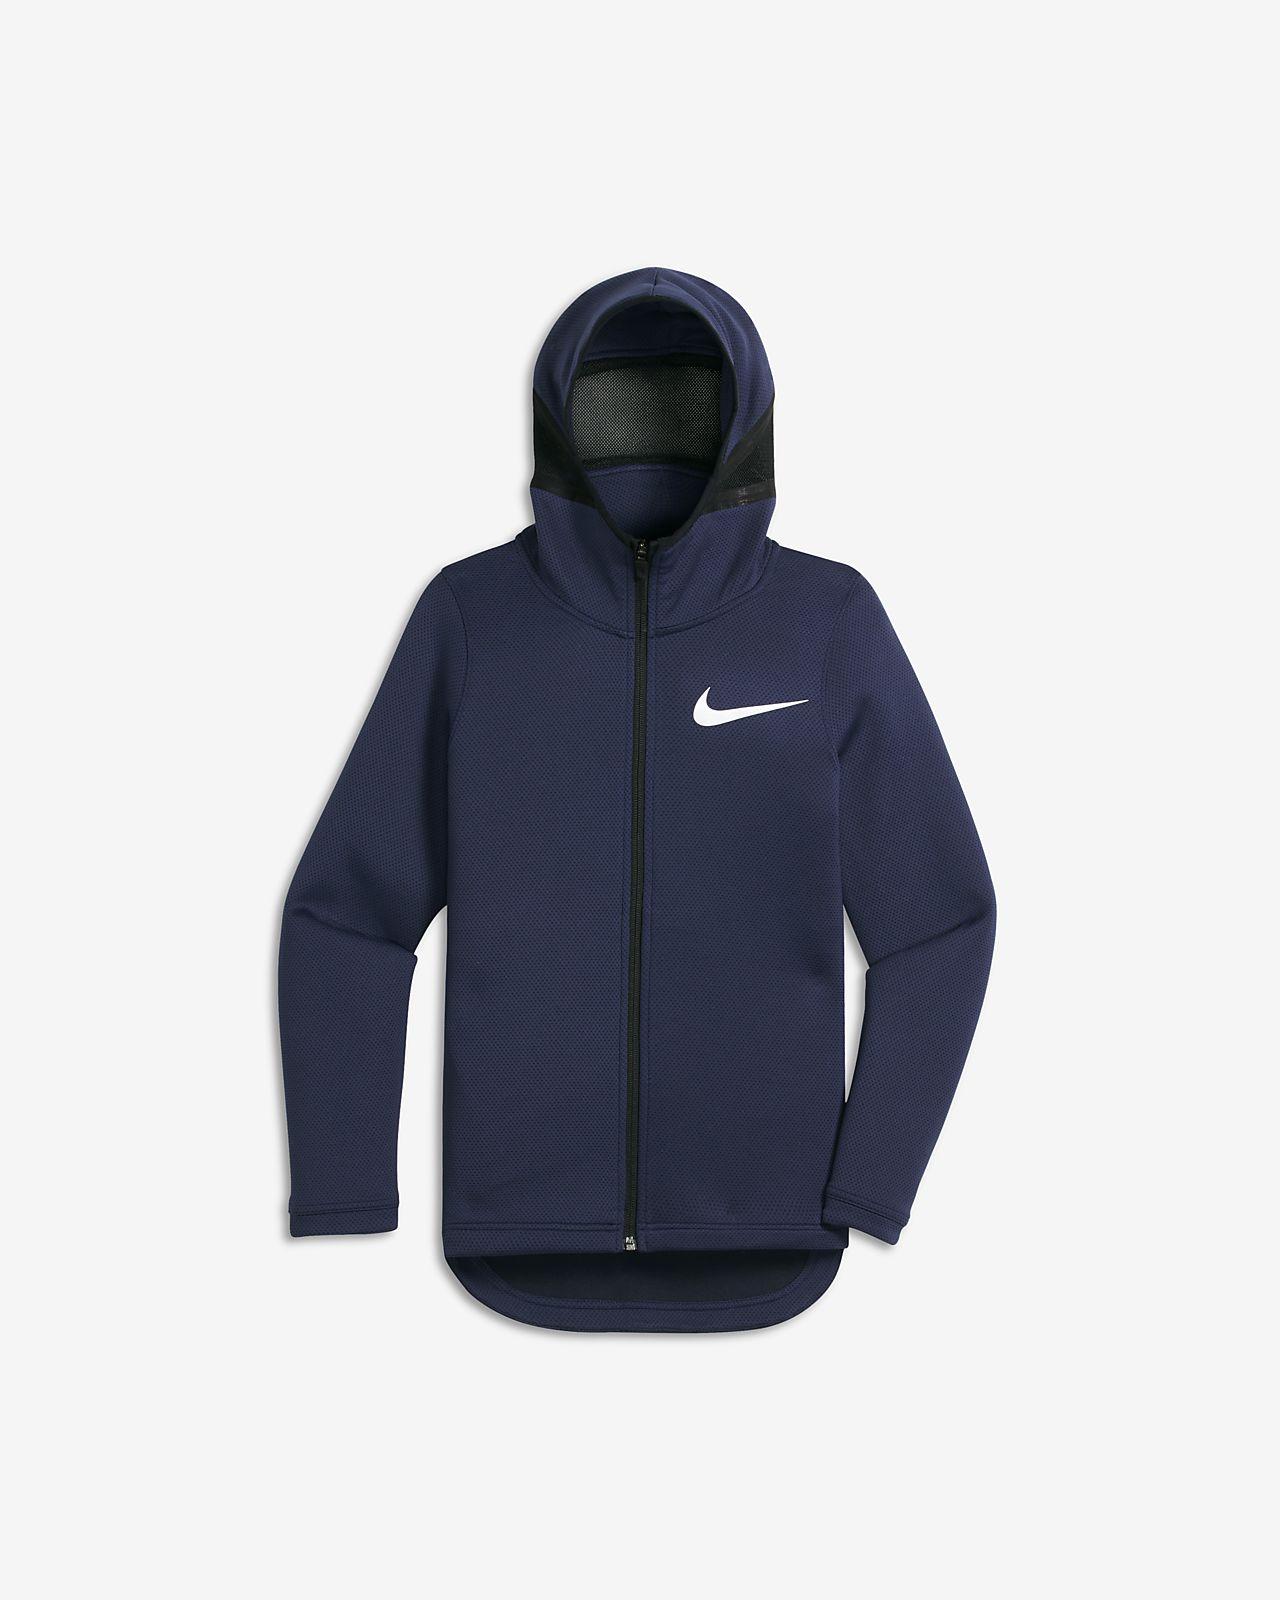 Nike SB Icon Big Kids' Hoodies Palm Green/Black